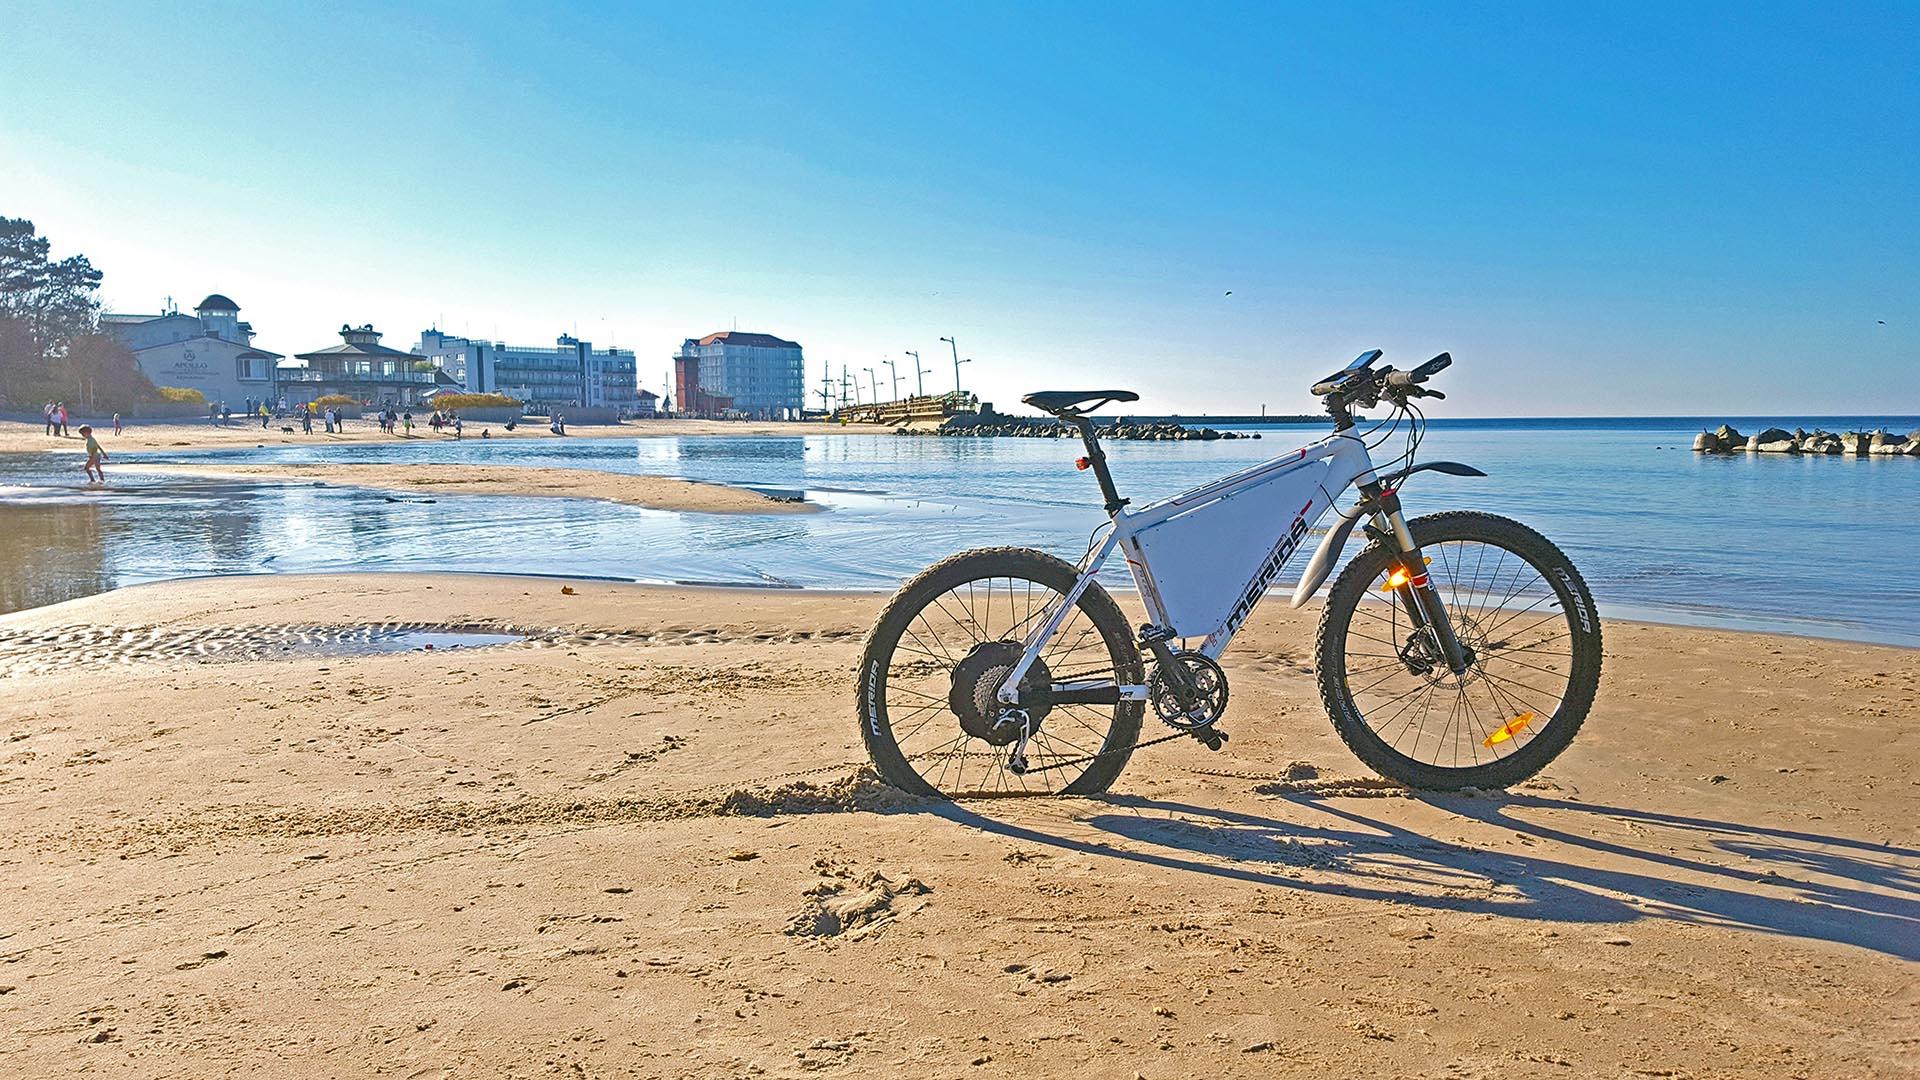 Ścieżki rowerowe w Darłówku i jazda rowerem po plaży Darłówko